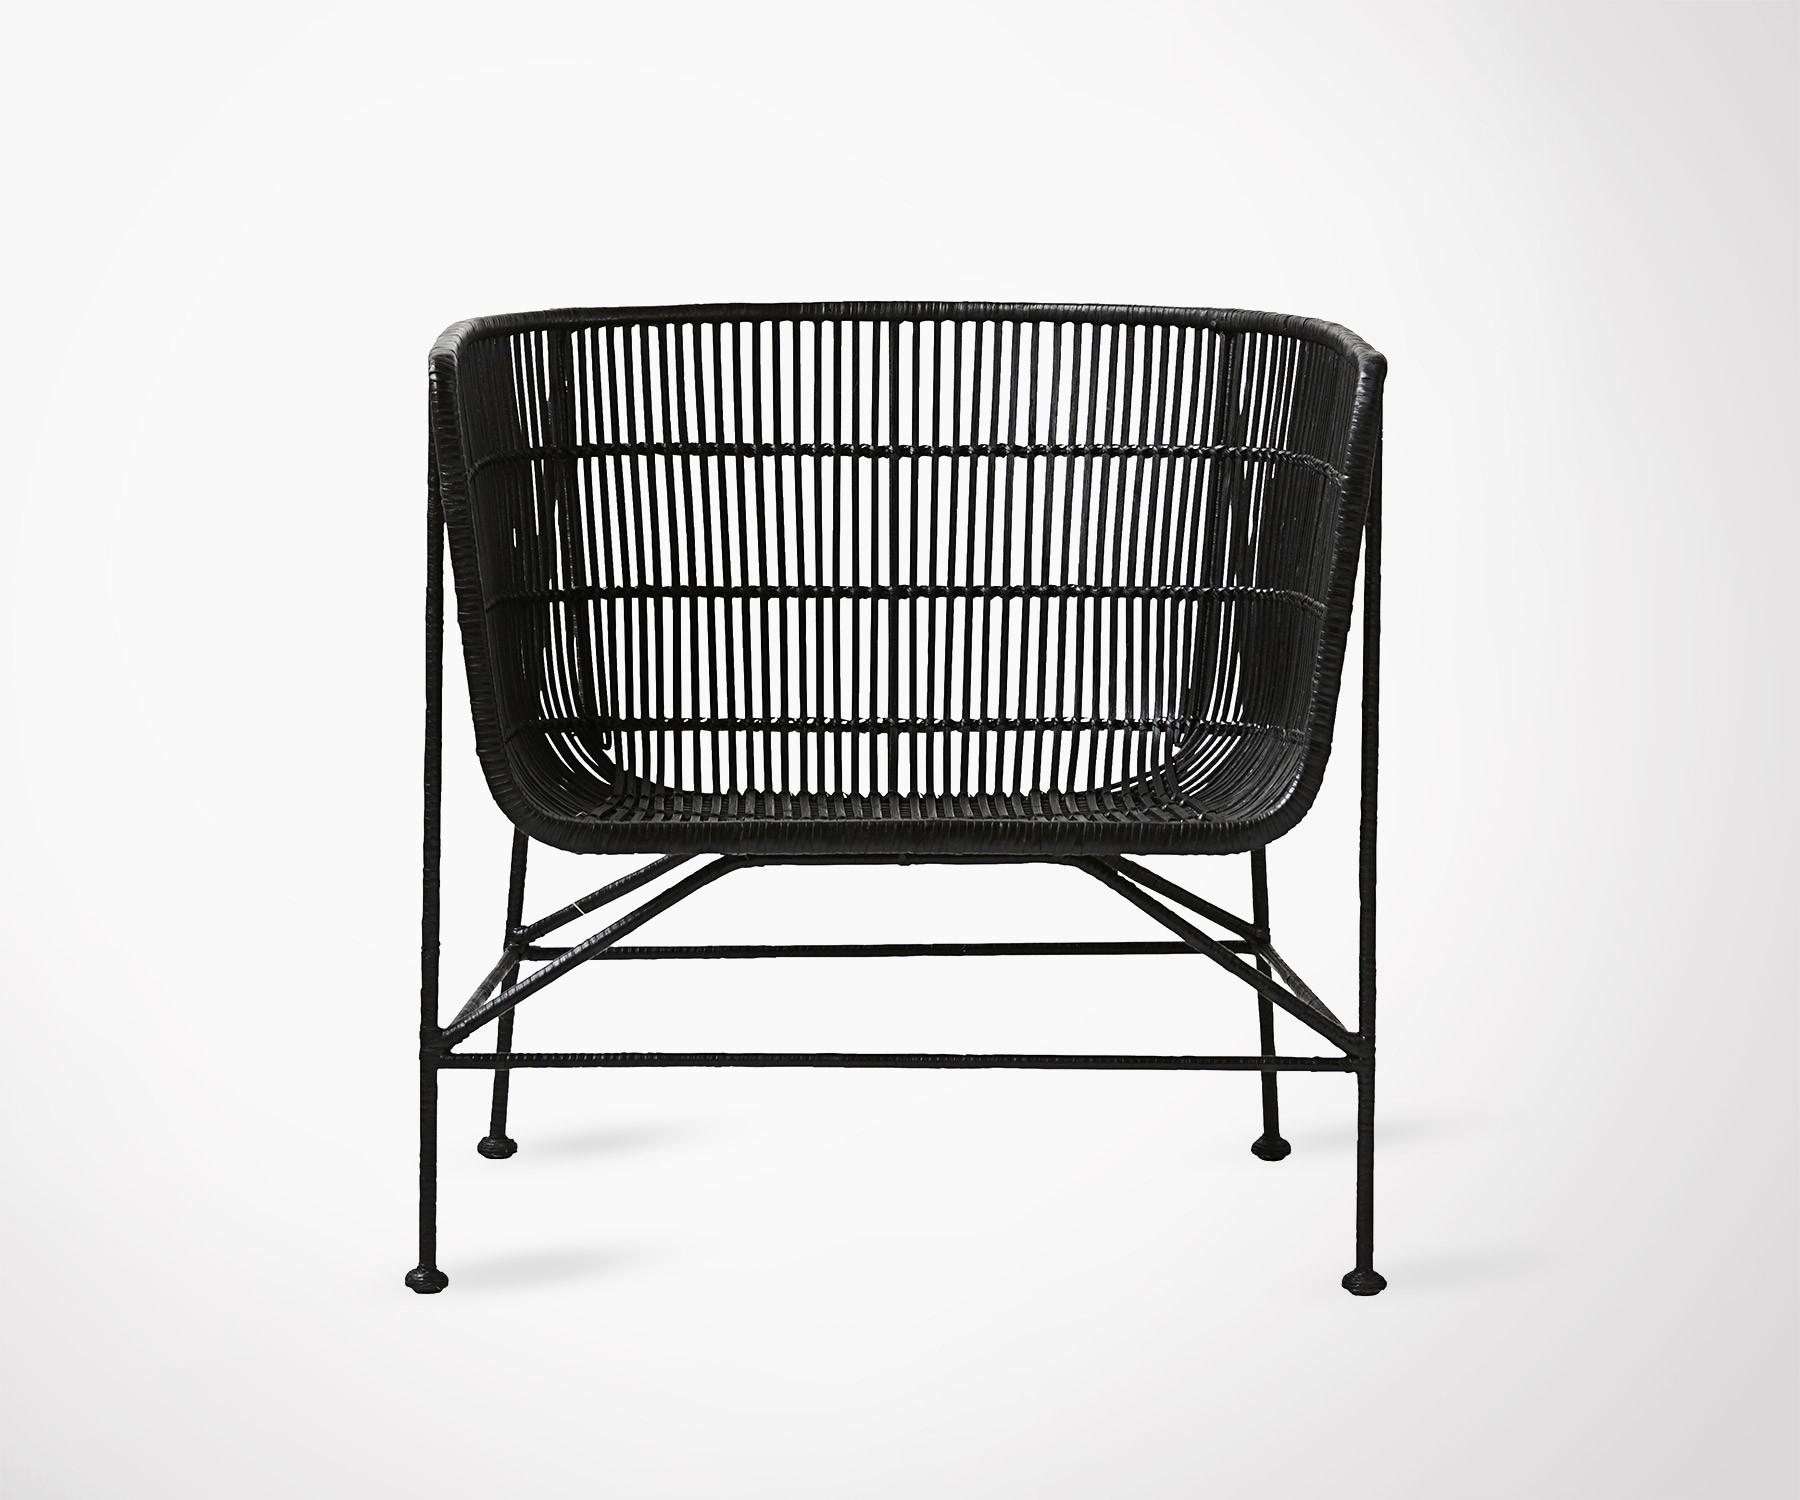 Fauteuil boule rotin fauteuil design rotin naturel ektor - Fauteuil boule suspendu ...